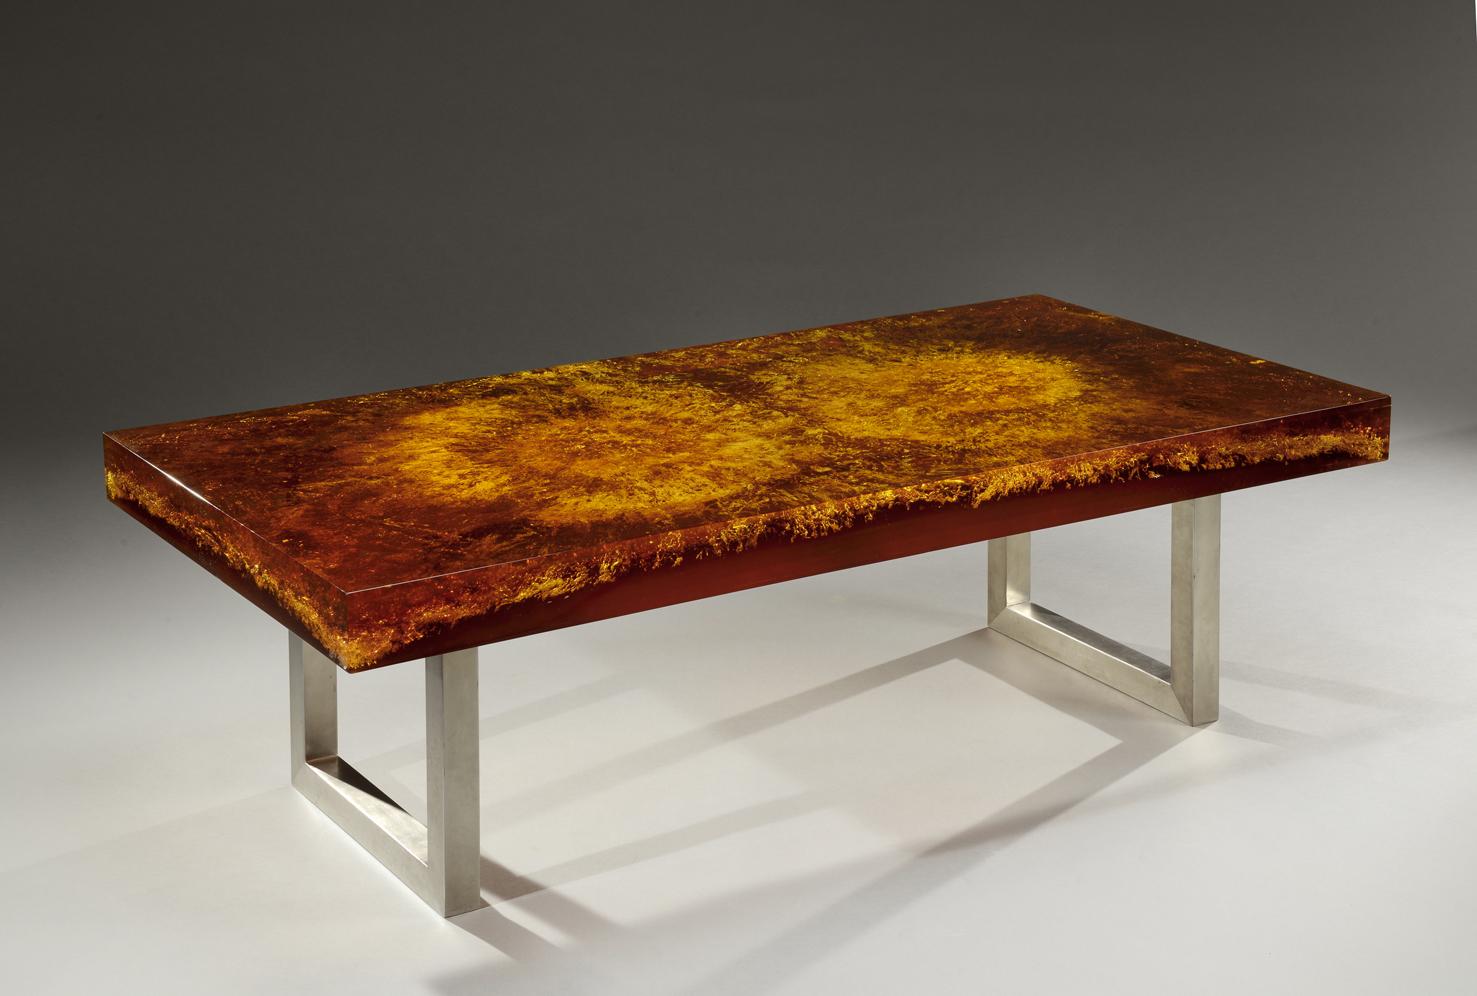 marie claude de fouquieres attribu rare table basse plateau rectangulaire en r sine fractal. Black Bedroom Furniture Sets. Home Design Ideas